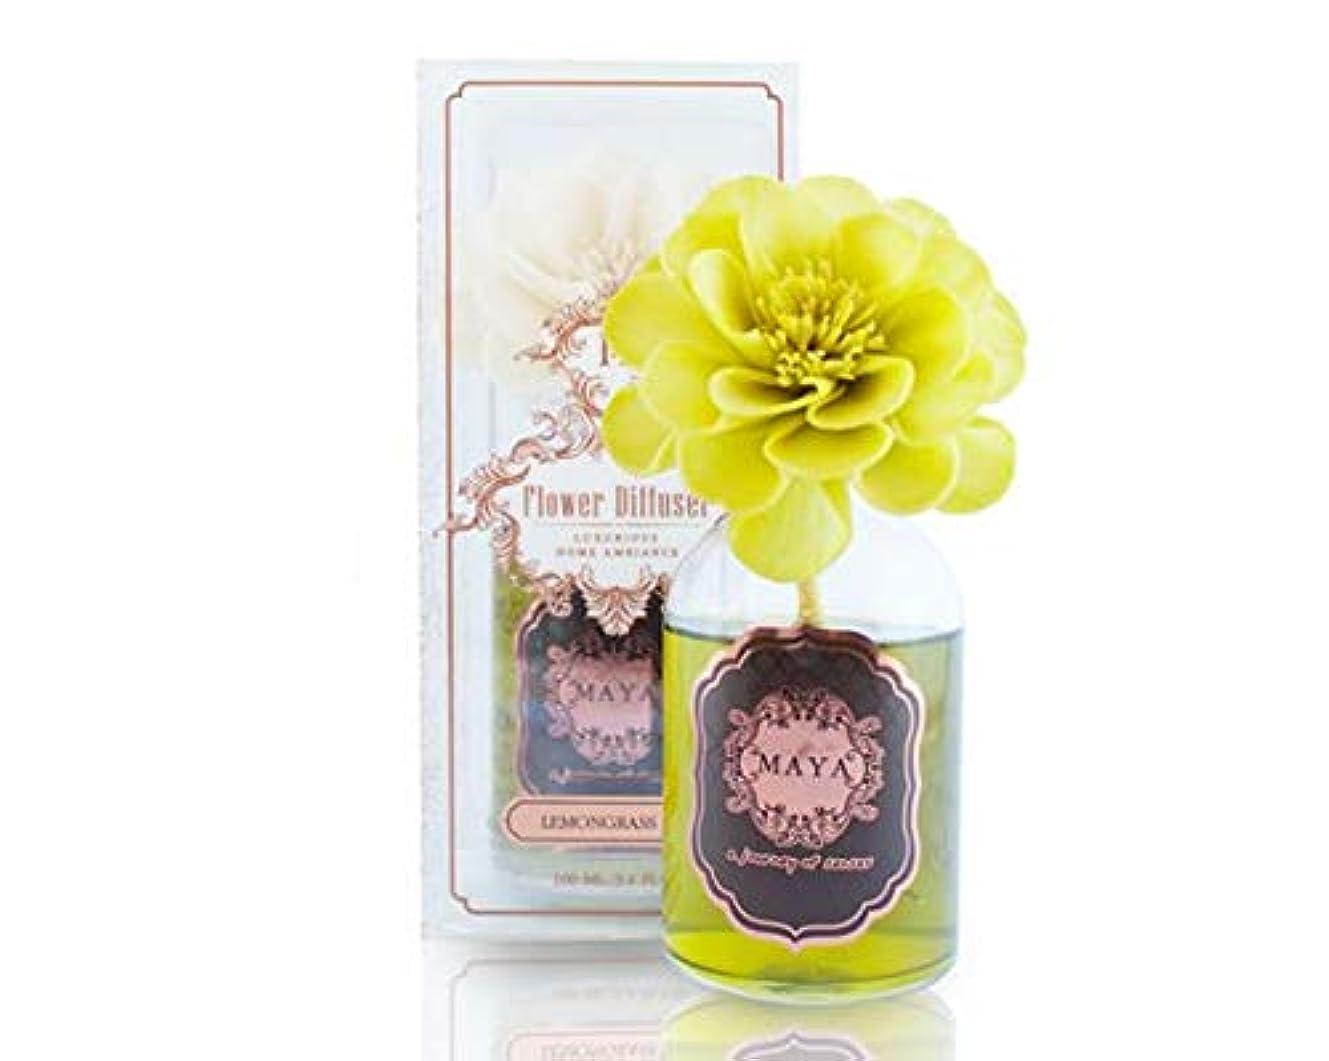 突撃骨行列MAYA フラワーディフューザー レモングラススパ 100ml   Aroma Flower Diffuser - Lemongrass Spa 100ml [並行輸入品]